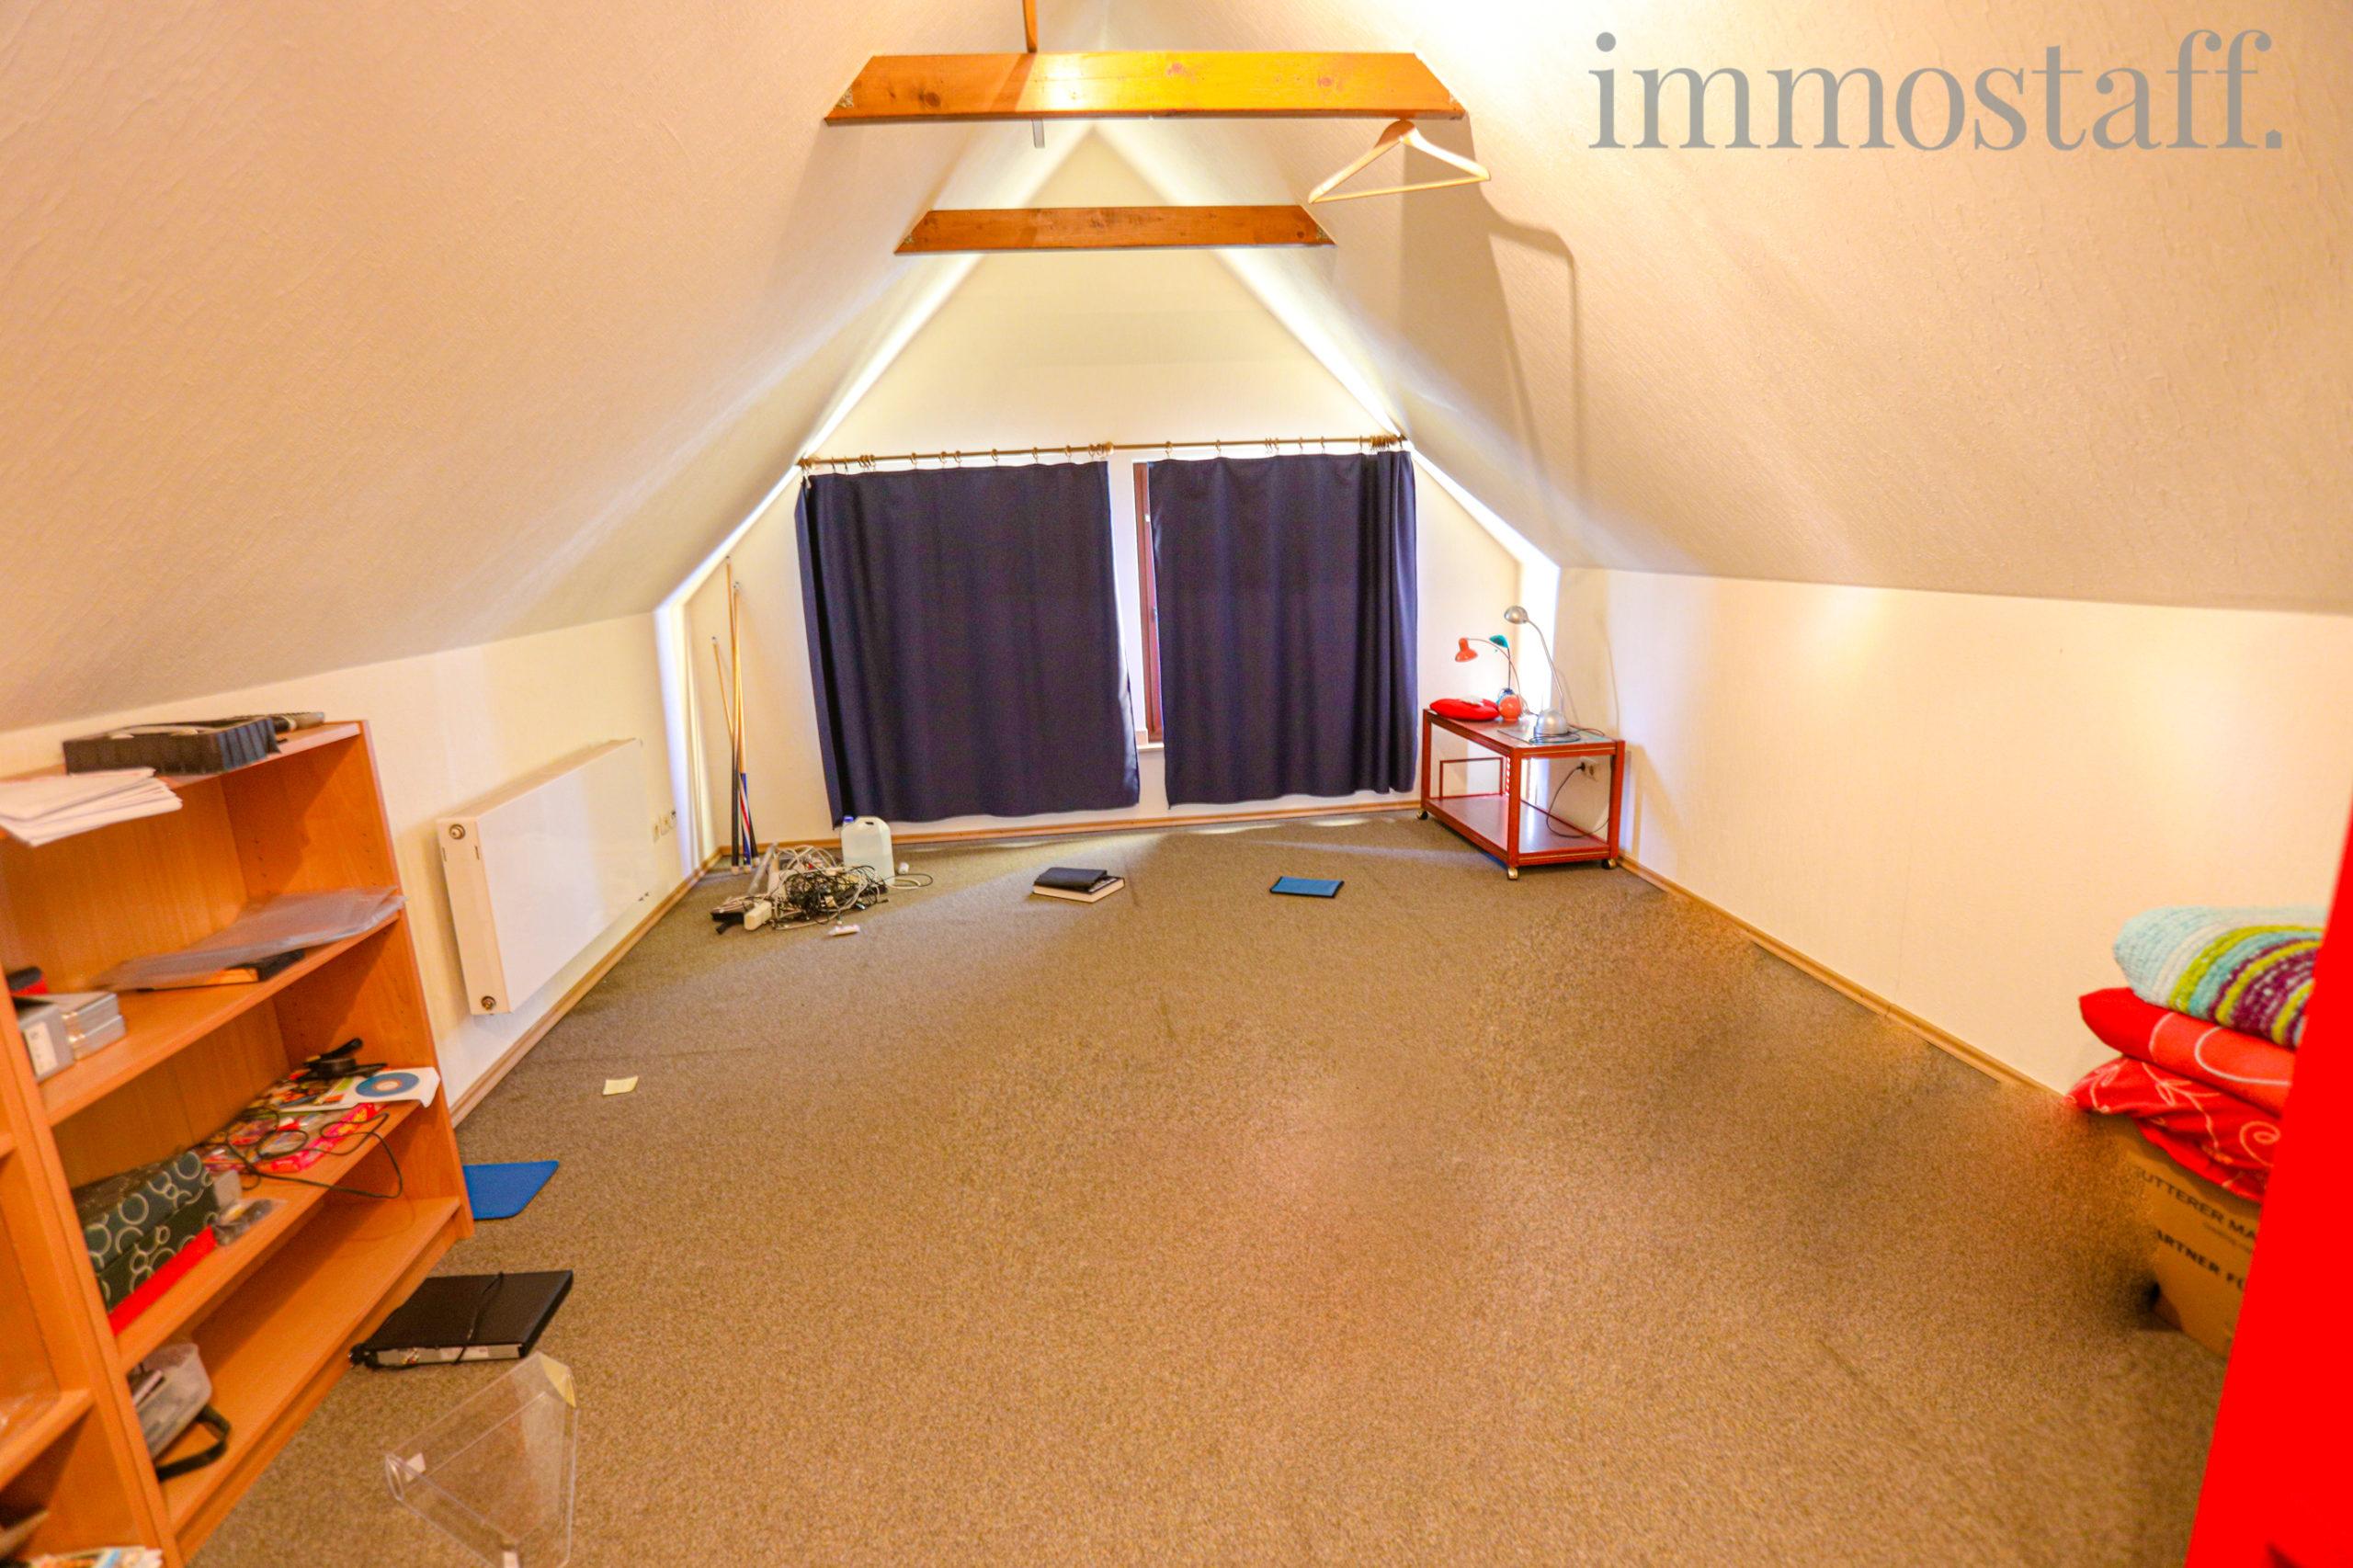 galerie, penthouse